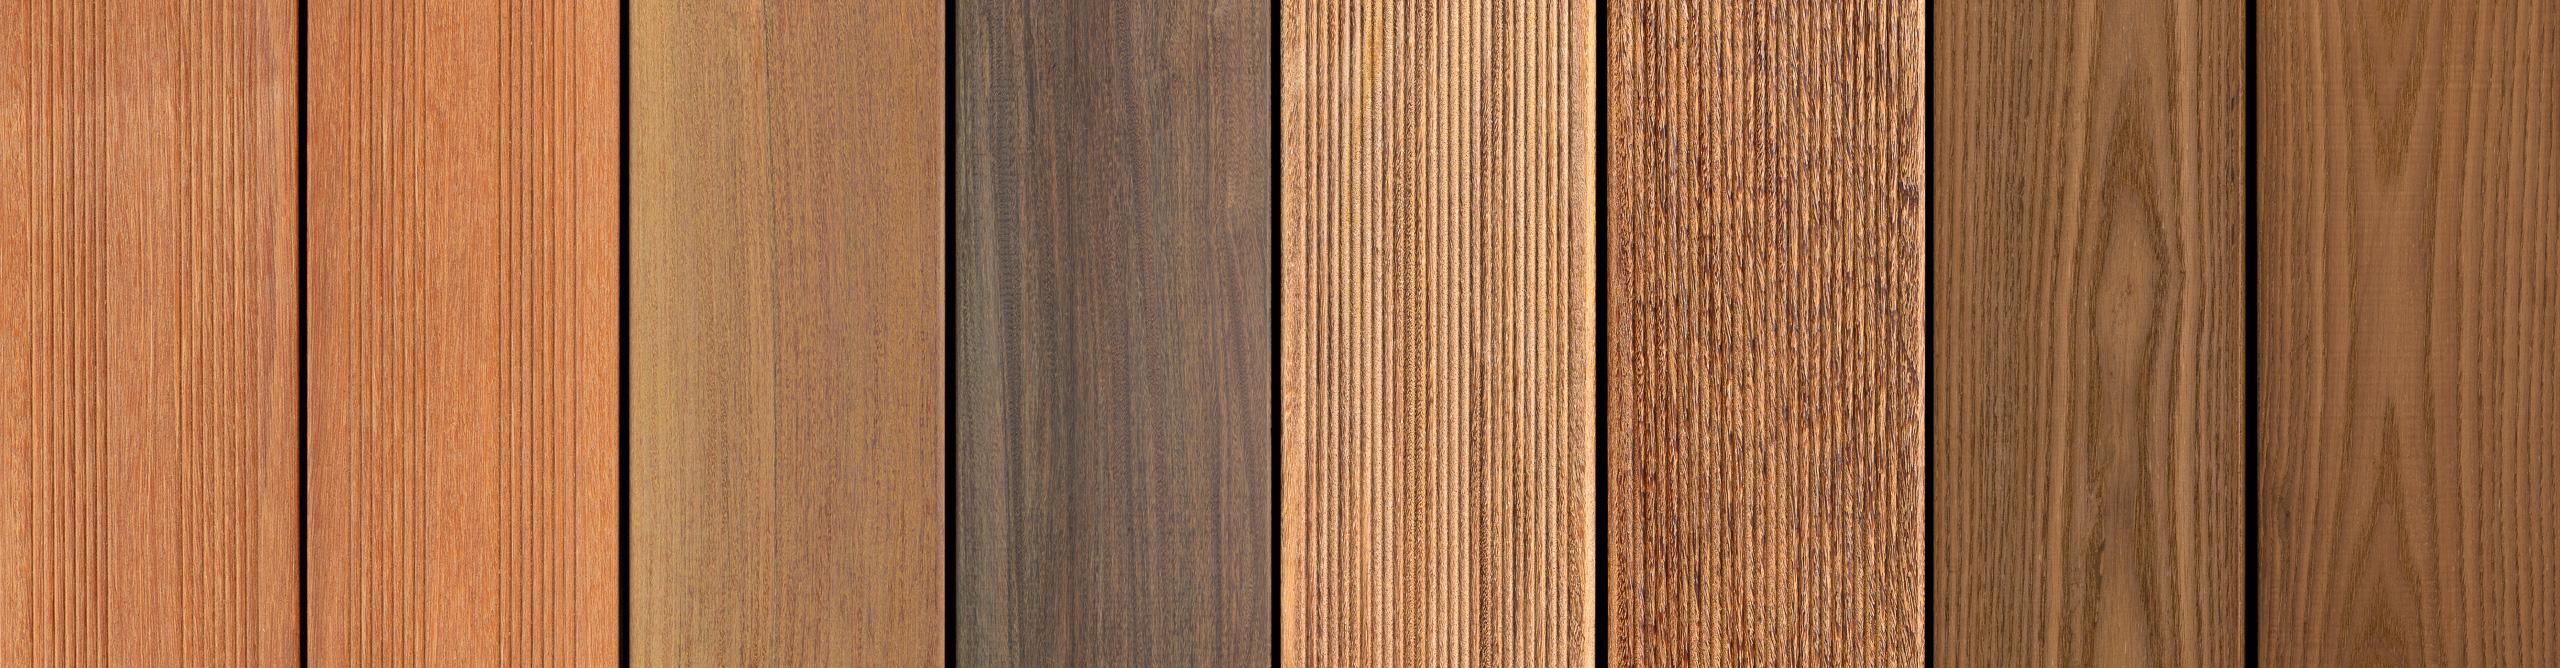 Trall i hårdträ, Kärnsund Wood Link